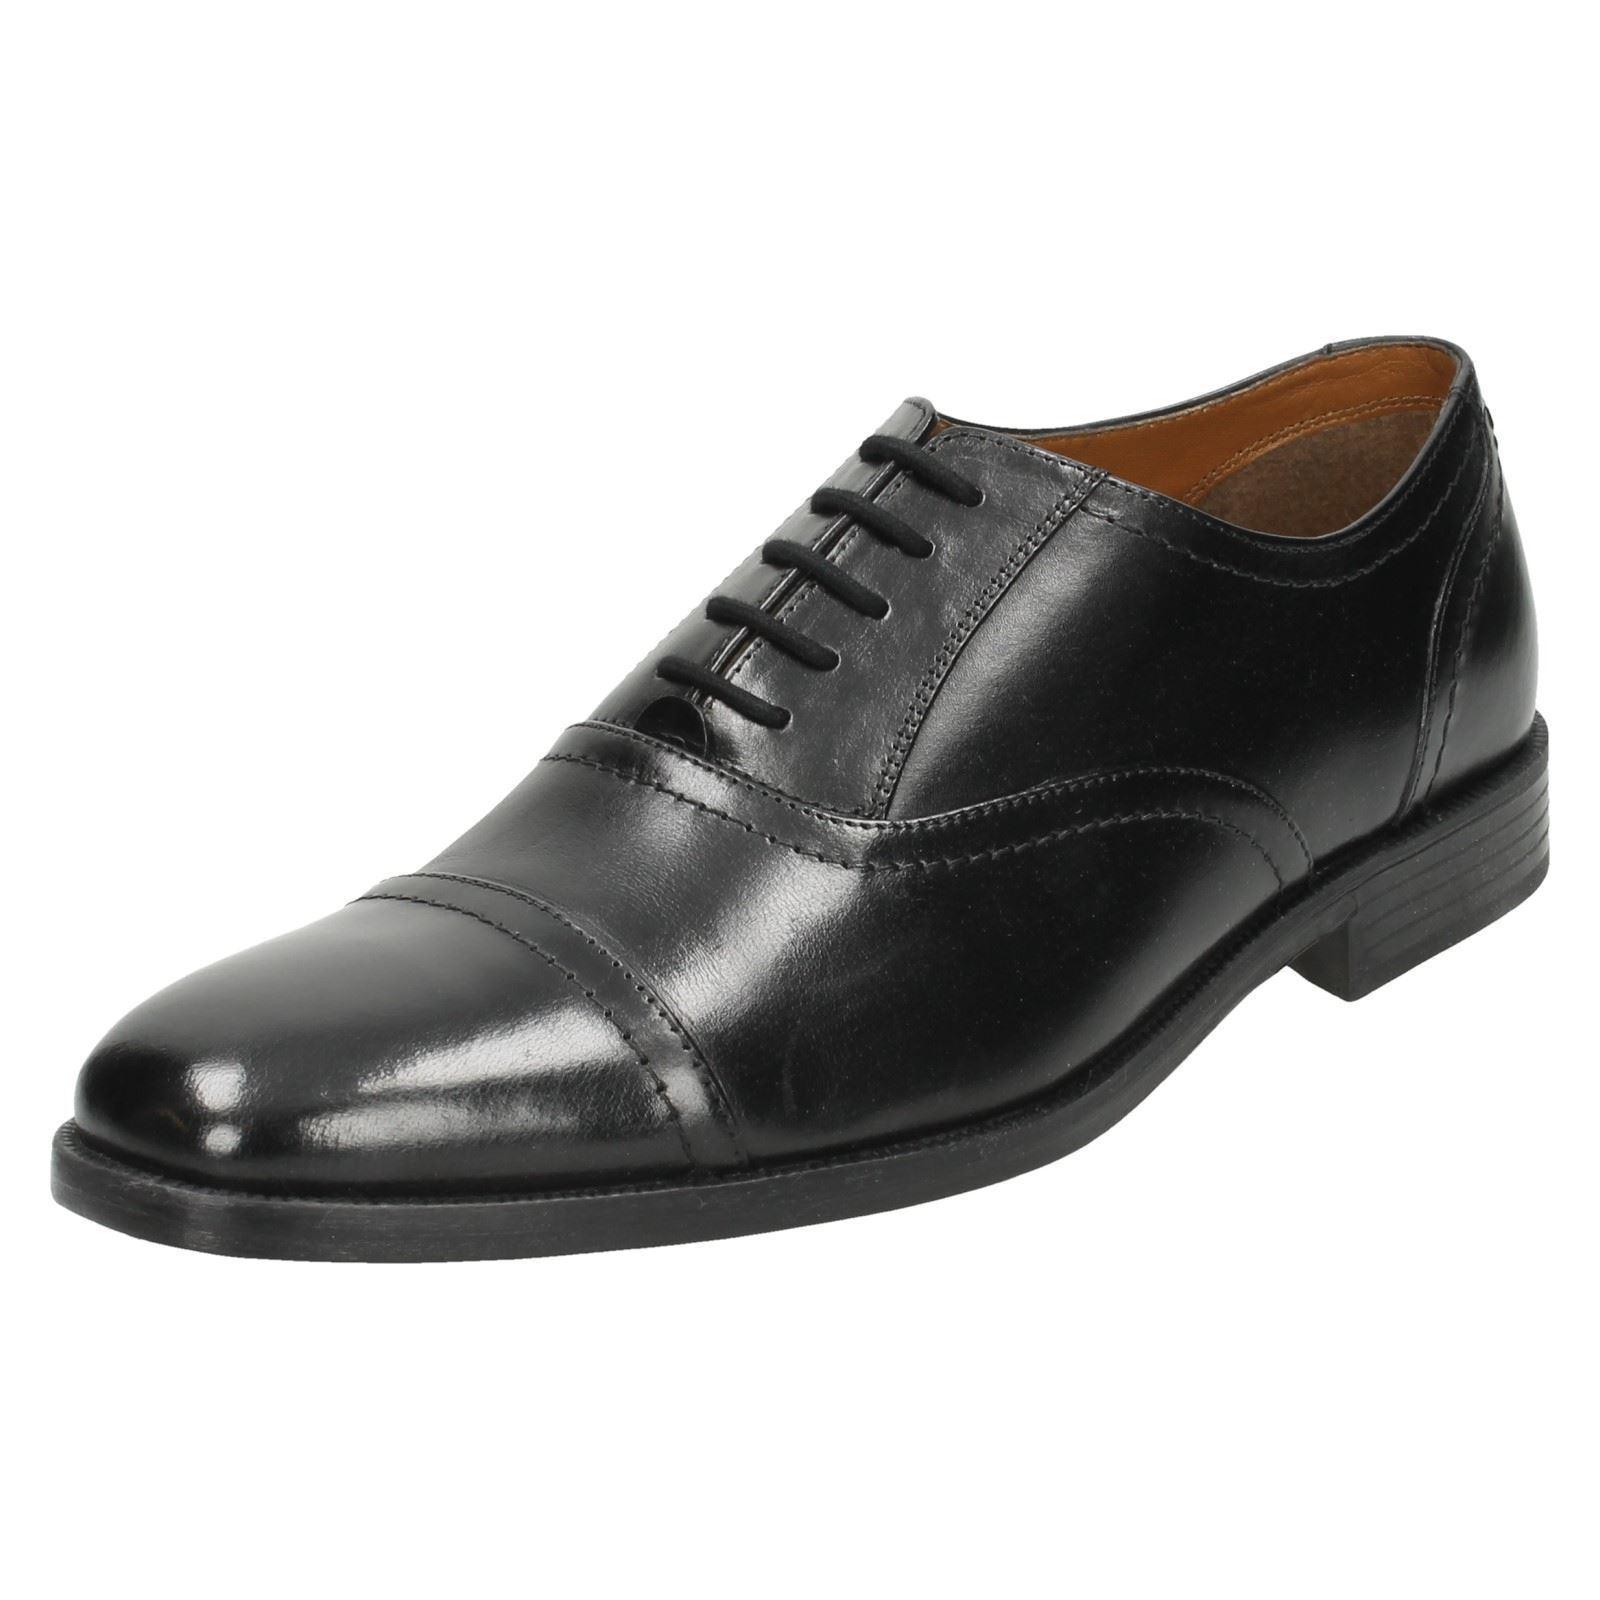 Clarks Hombre Zapatos negros Cordones